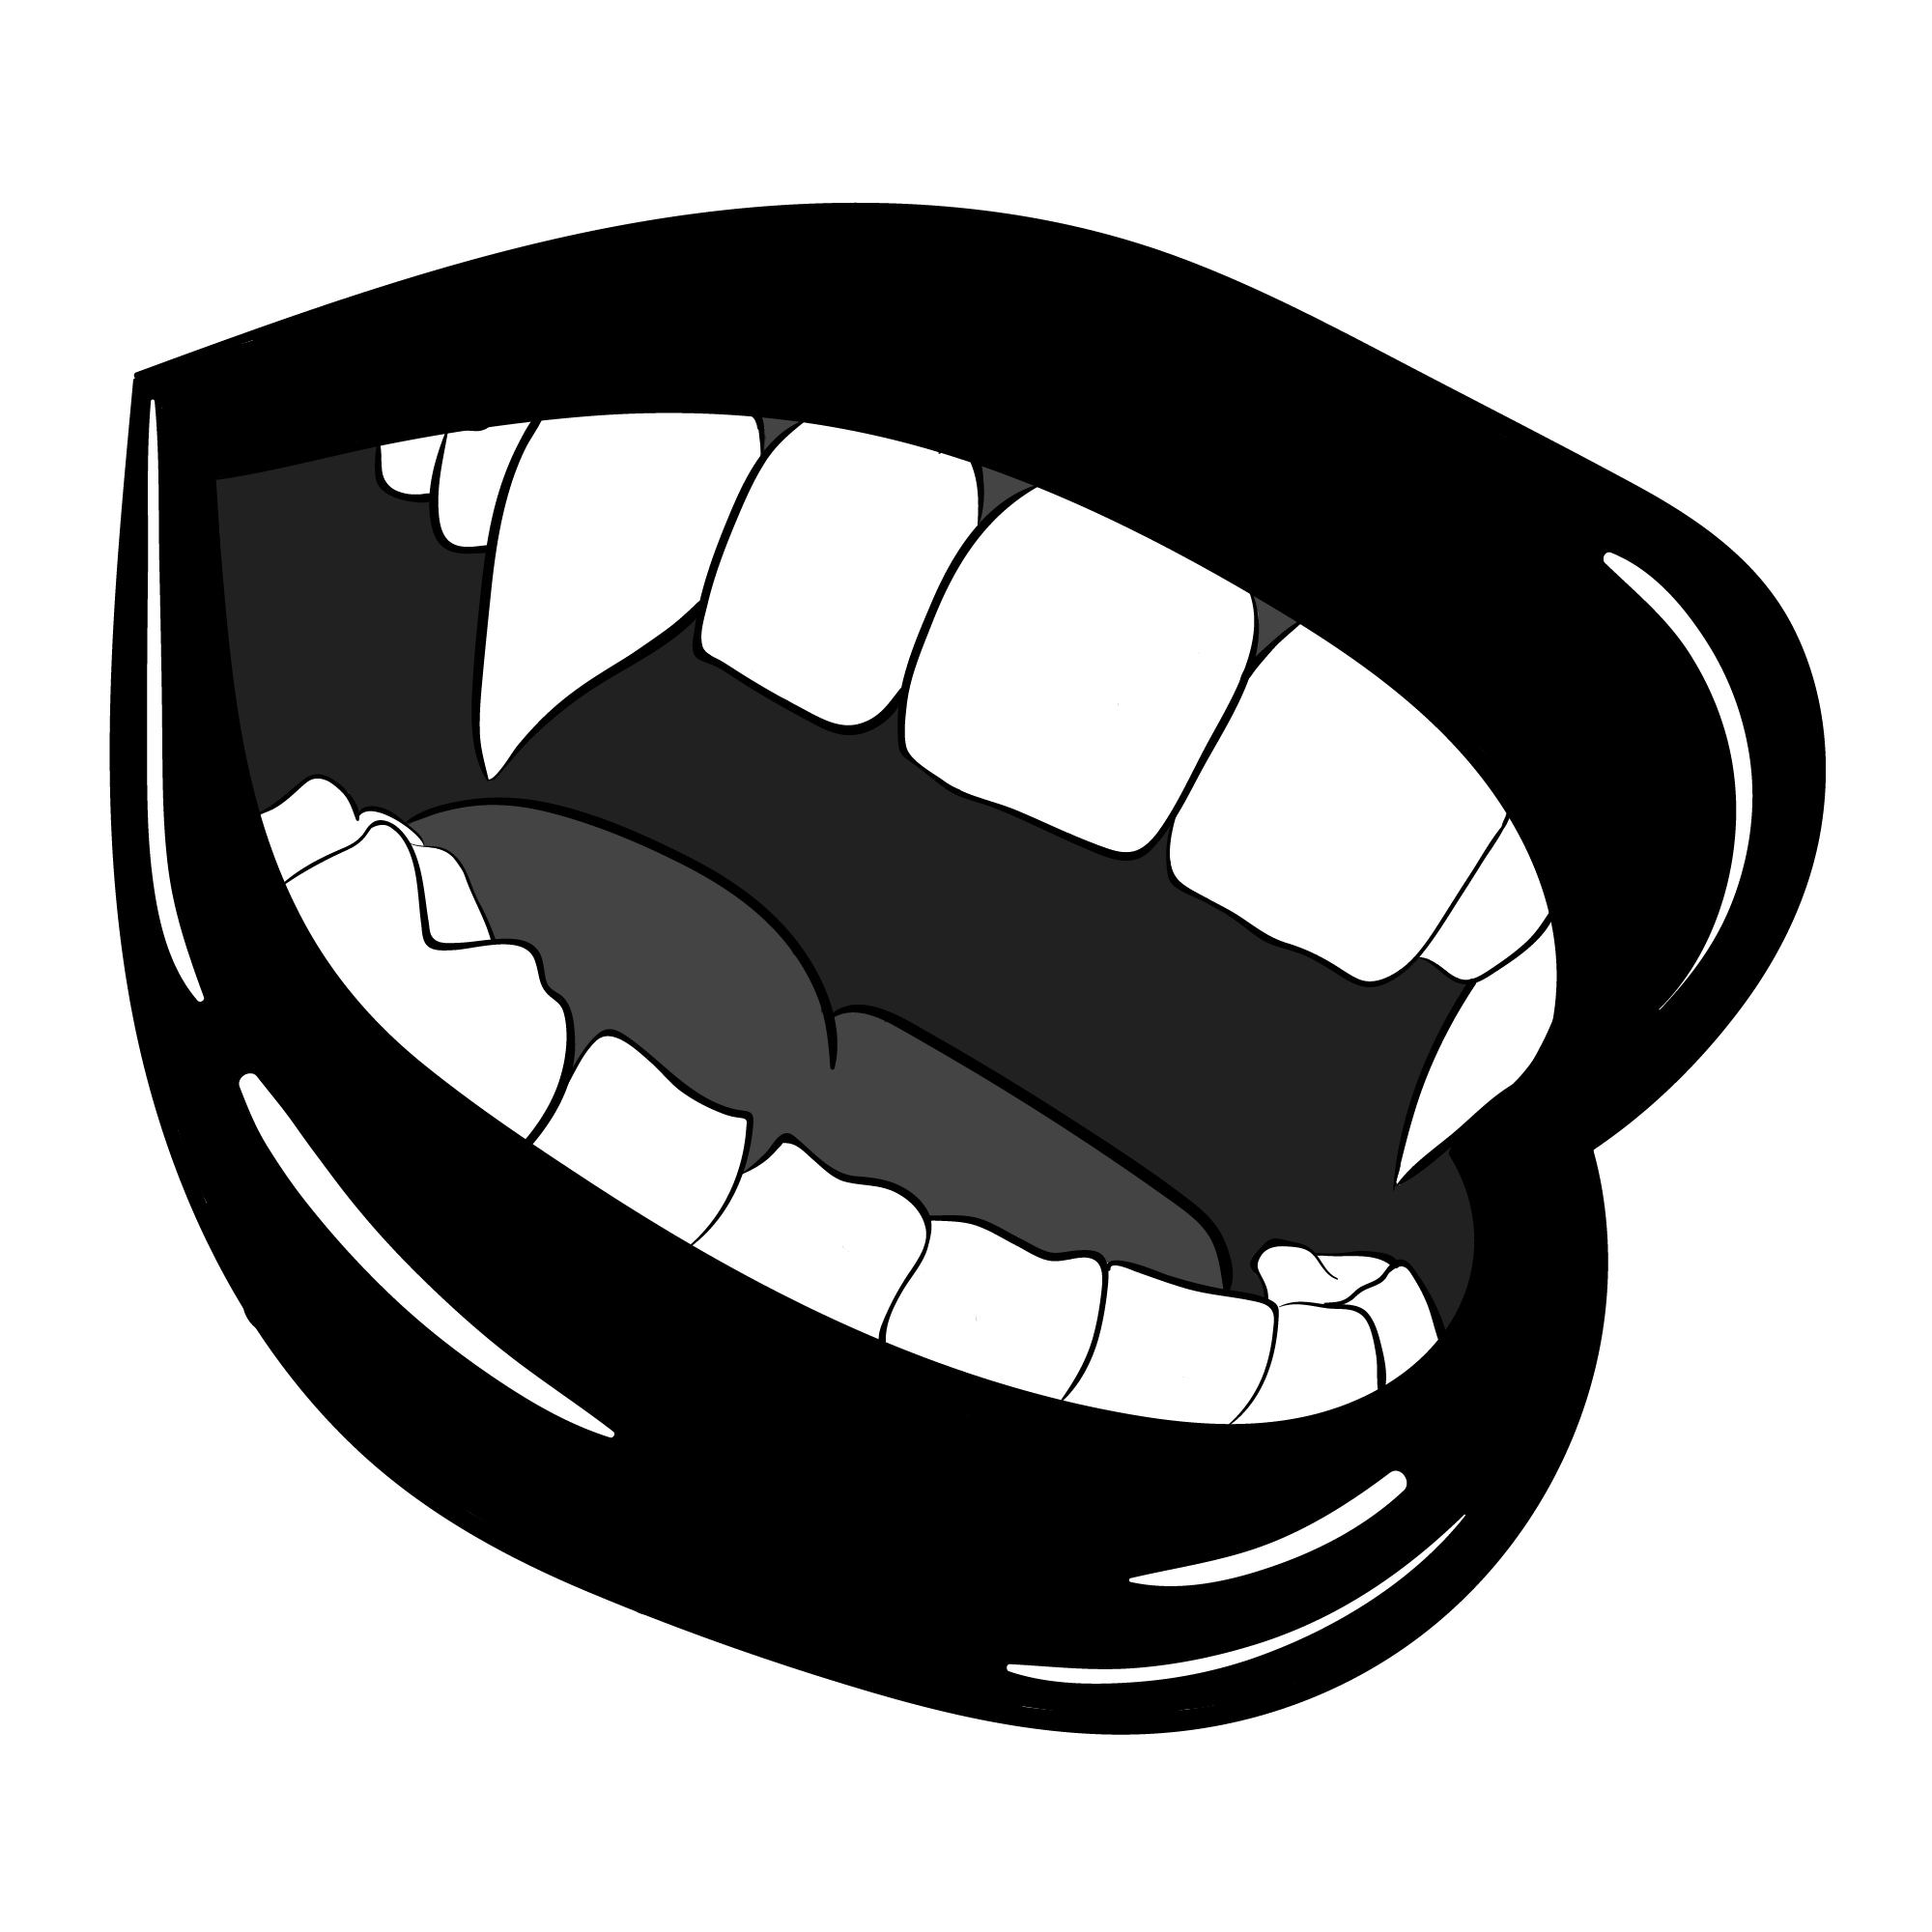 Vampire Fangs Premium Scoop T Shirt By Paperboatuk In 2021 Vampire Teeth Teeth Art Teeth Drawing